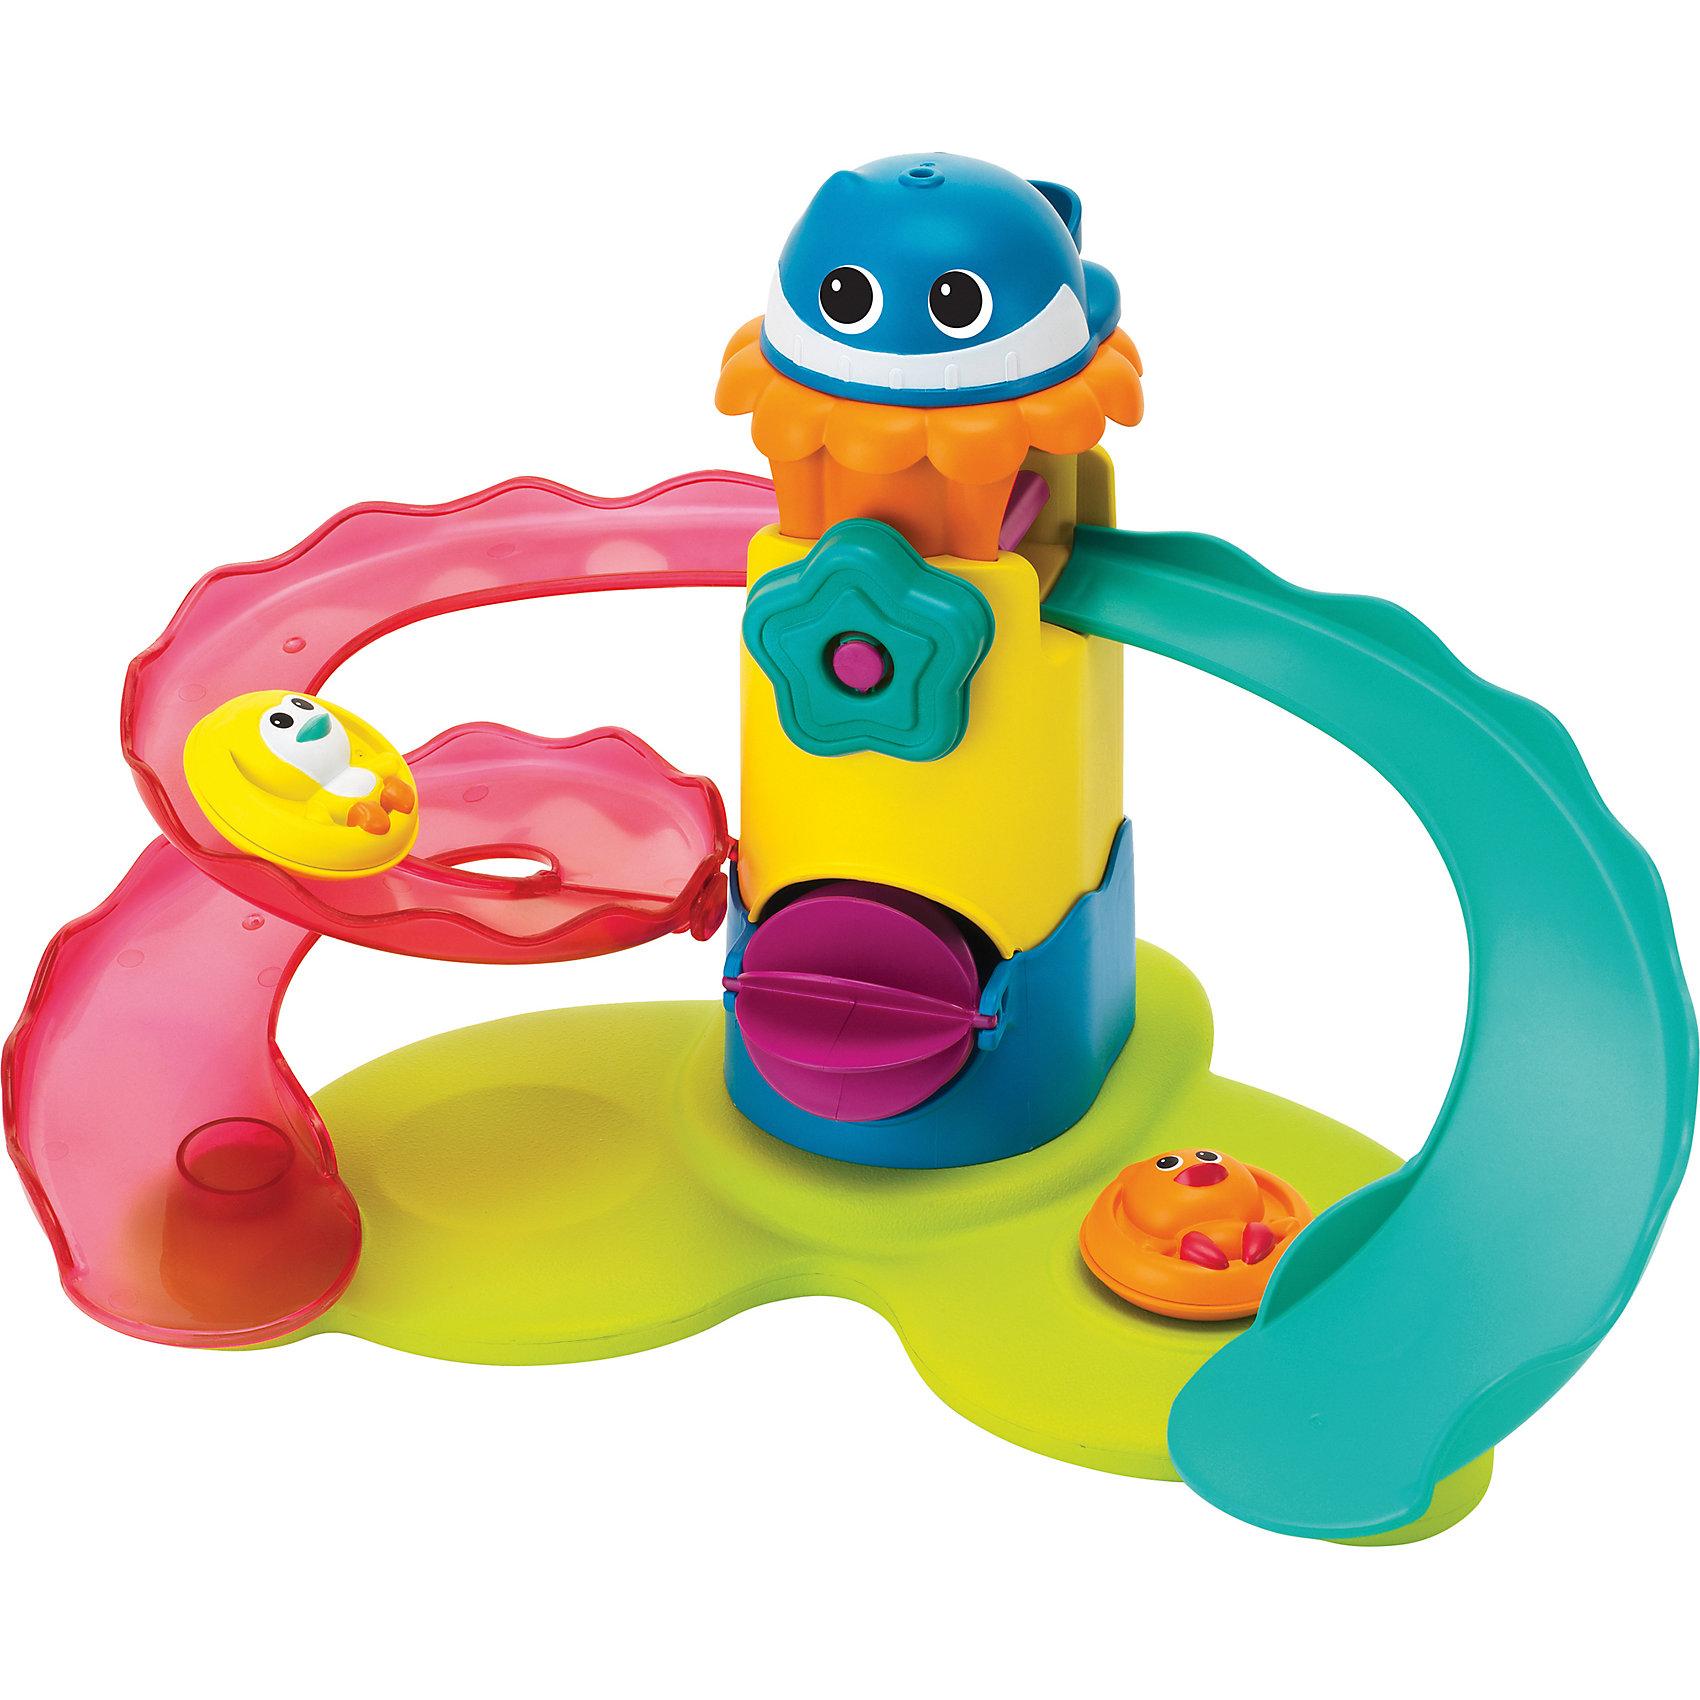 Набор для купания Аквапарк, BkidsИгрушки для ванной<br>Набор для купания Аквапарк, Bkids (Б Кидс) превратит каждое купание в веселую игру. Поставьте пингвиненка и утенка на верх горки, зачерпните воду ковшиком в виде кита и налейте сверху. При этом водяная мельница начнет крутиться, а зверюшки весело скатятся с горок. Кроме того, игрушка плавает на поверхности воды, что позволяет использовать ее во время купания.  Покатайте пингвиненка и утенка на крутых горках аквапарка!<br><br>Дополнительная информация:<br>Размер упаковки: 30,4х8,9х25,4 см<br><br>Набор для купания Аквапарк, Bkids (Б Кидс) вы можете приобрести в нашем интернет-магазине.<br><br>Ширина мм: 308<br>Глубина мм: 256<br>Высота мм: 96<br>Вес г: 528<br>Возраст от месяцев: 12<br>Возраст до месяцев: 36<br>Пол: Унисекс<br>Возраст: Детский<br>SKU: 4159349